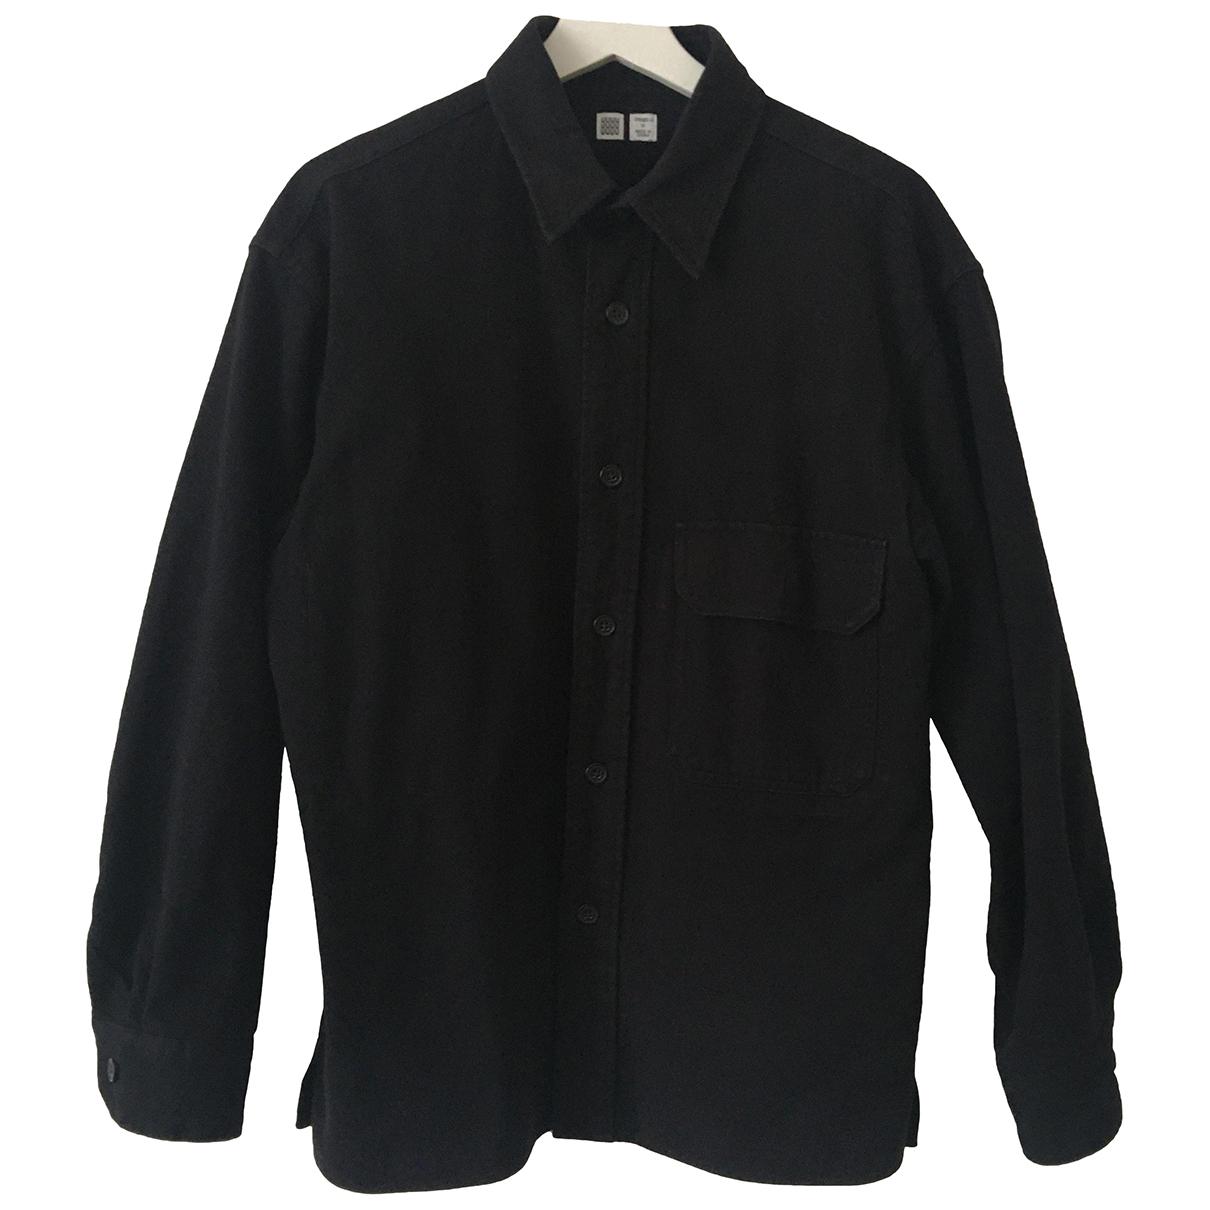 Uniqlo - Chemises   pour homme en coton - noir